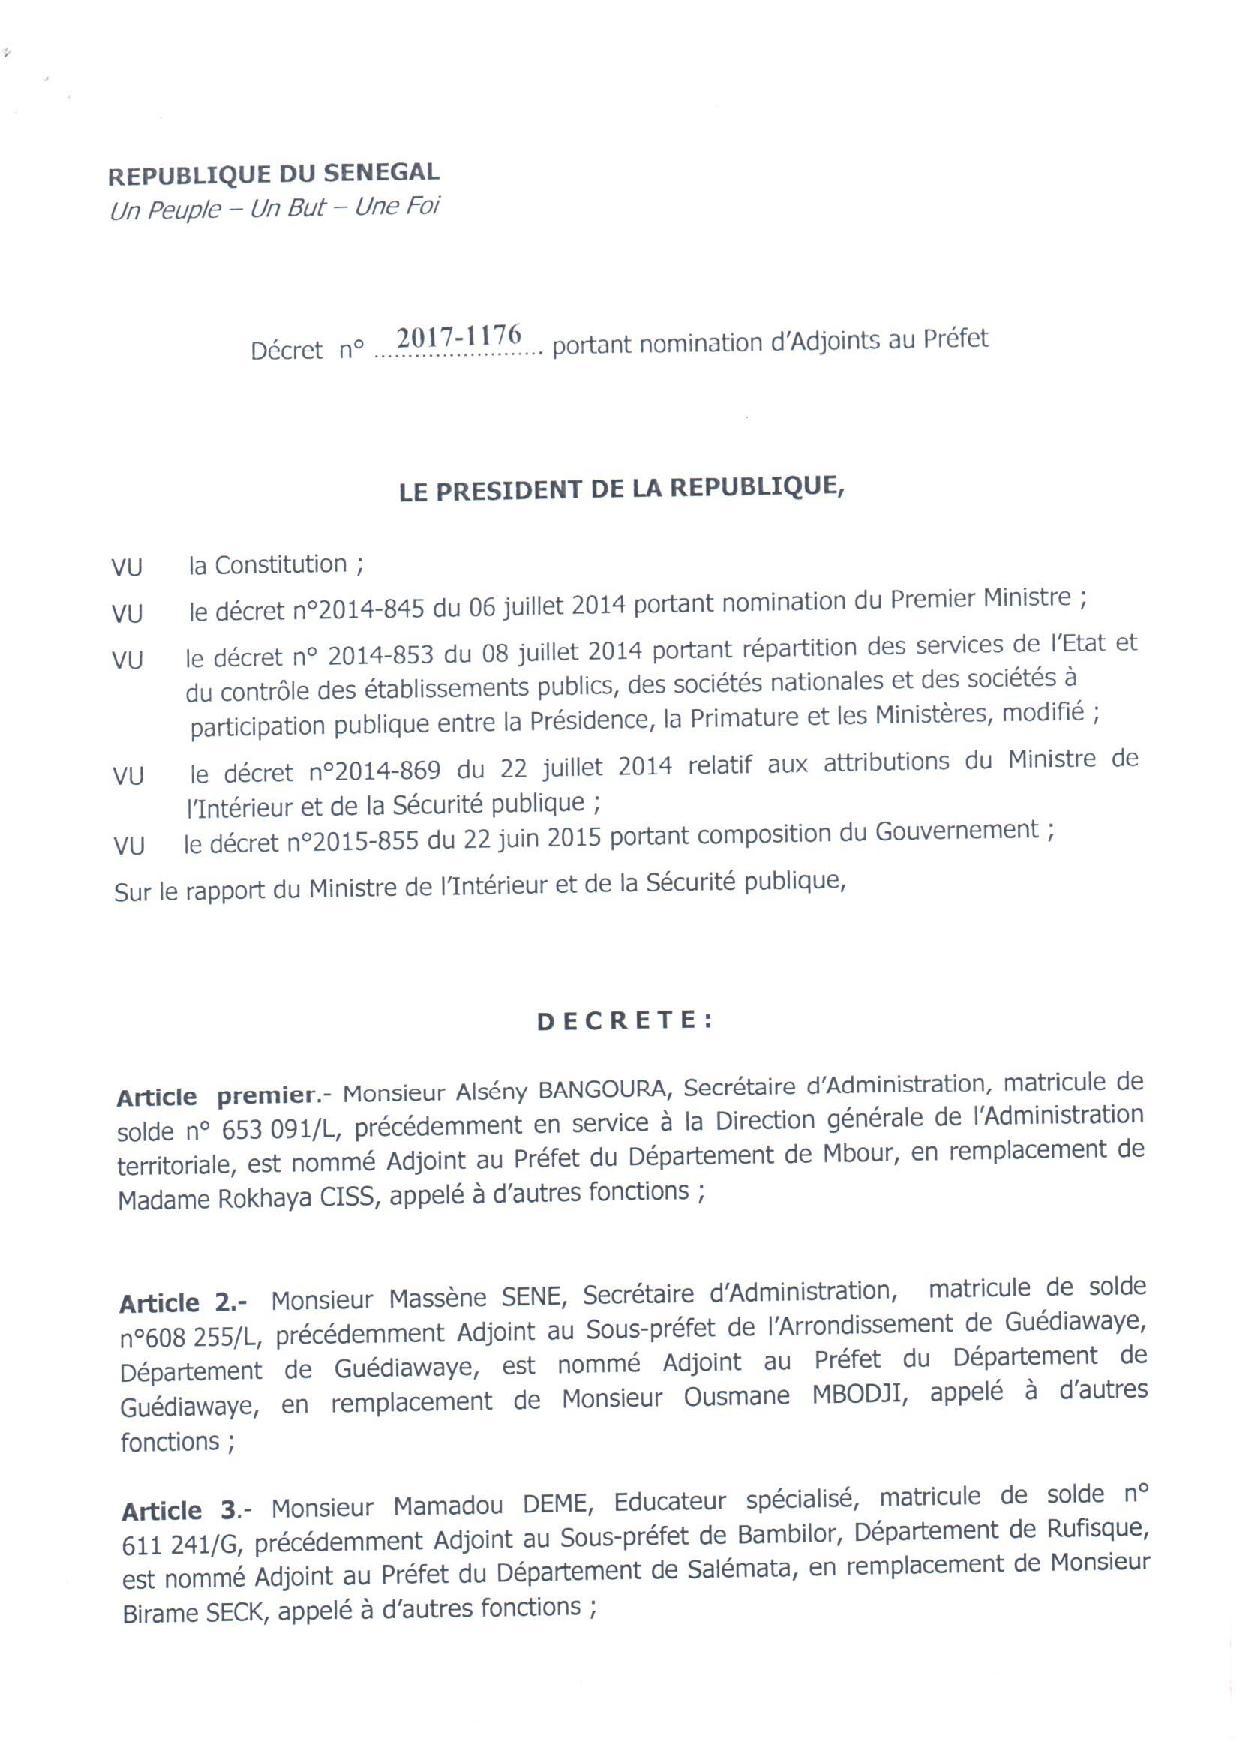 Décret n° 2017-1176 portant nomination d'Adjoints au préfet